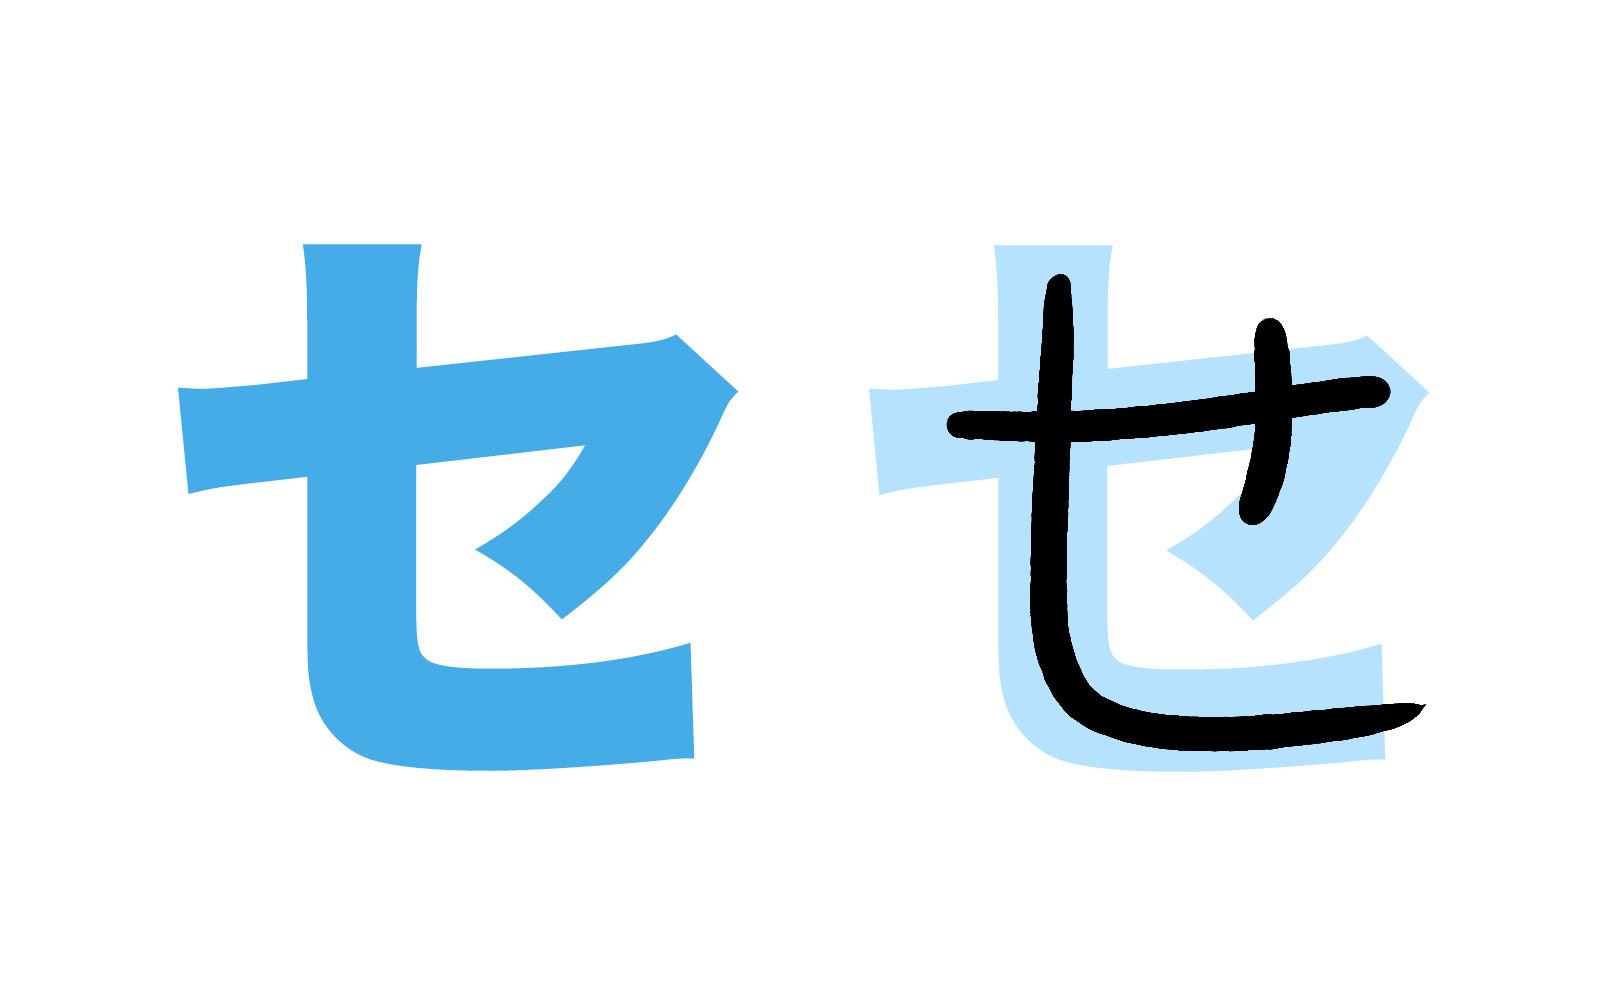 Katakana character セ mnemonic